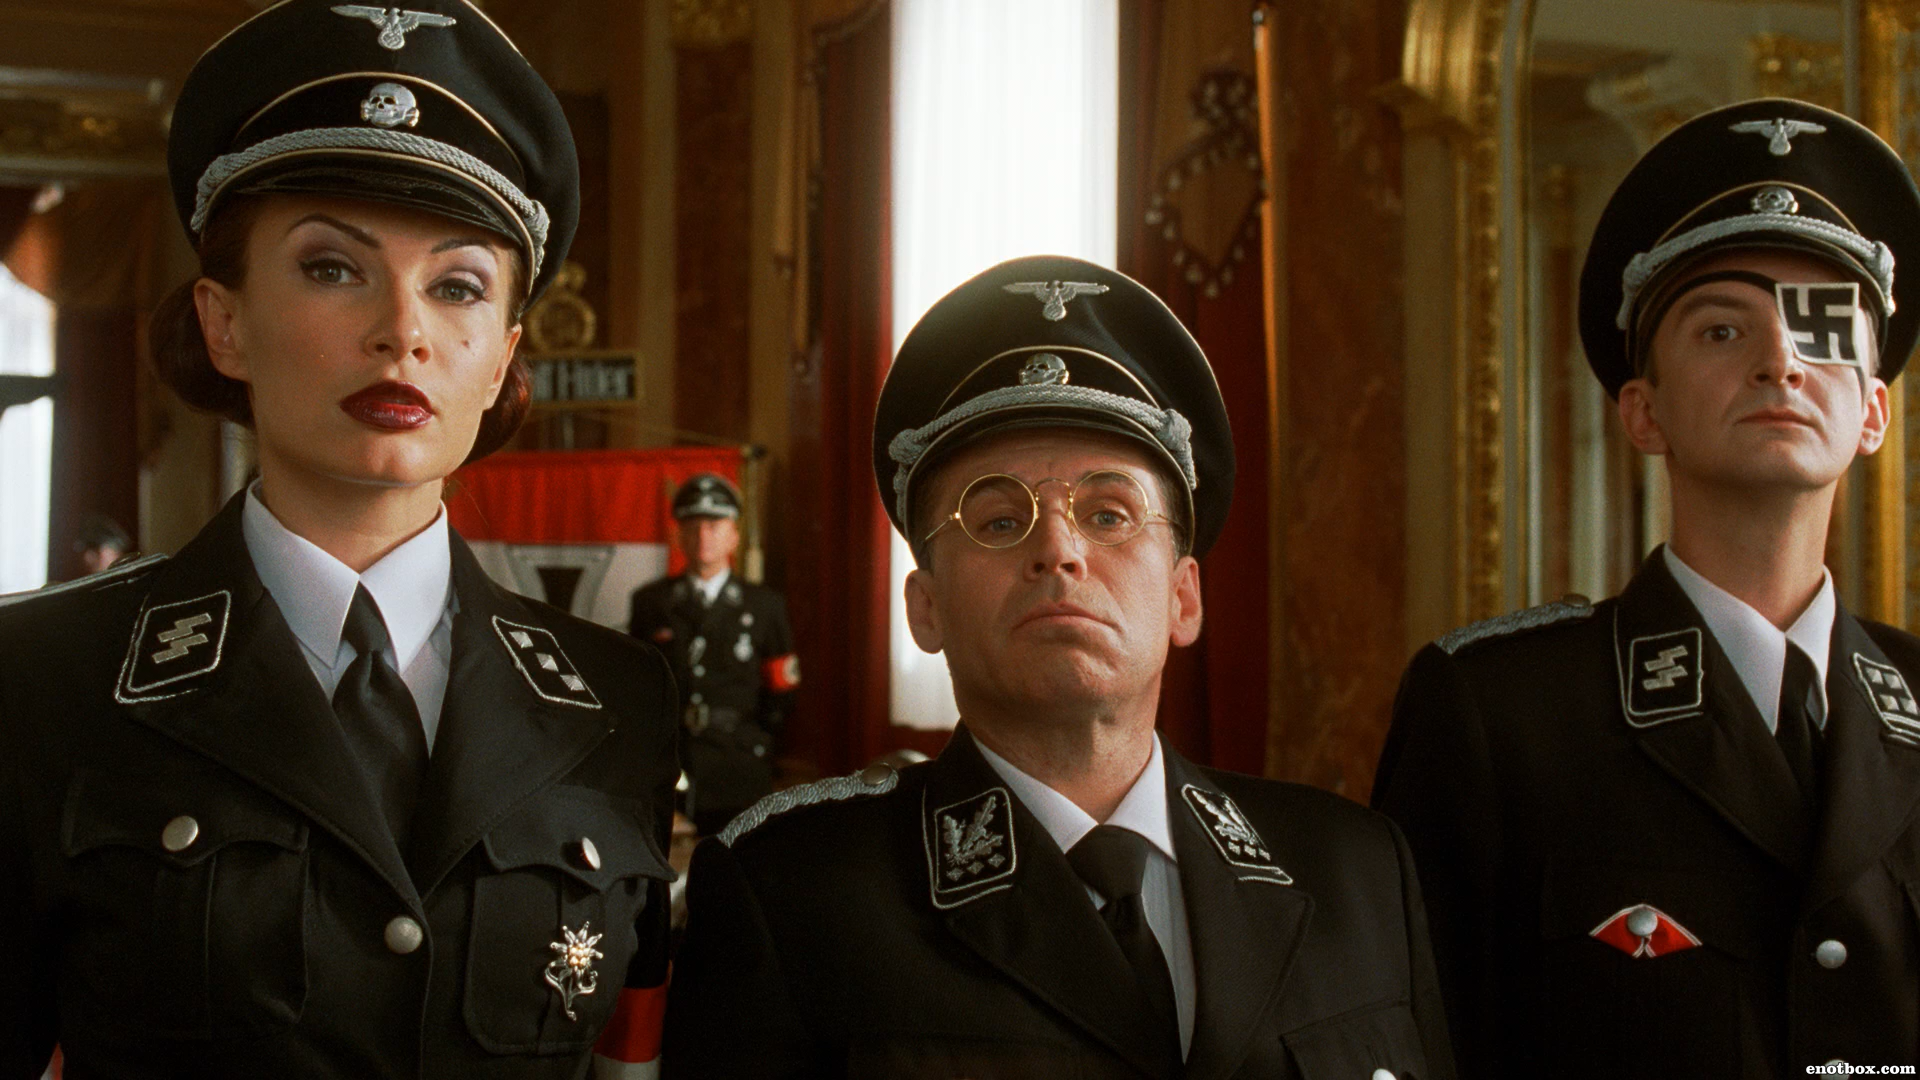 Скачать фильм 007 СПЕКТР 2015 через торрент в хорошем